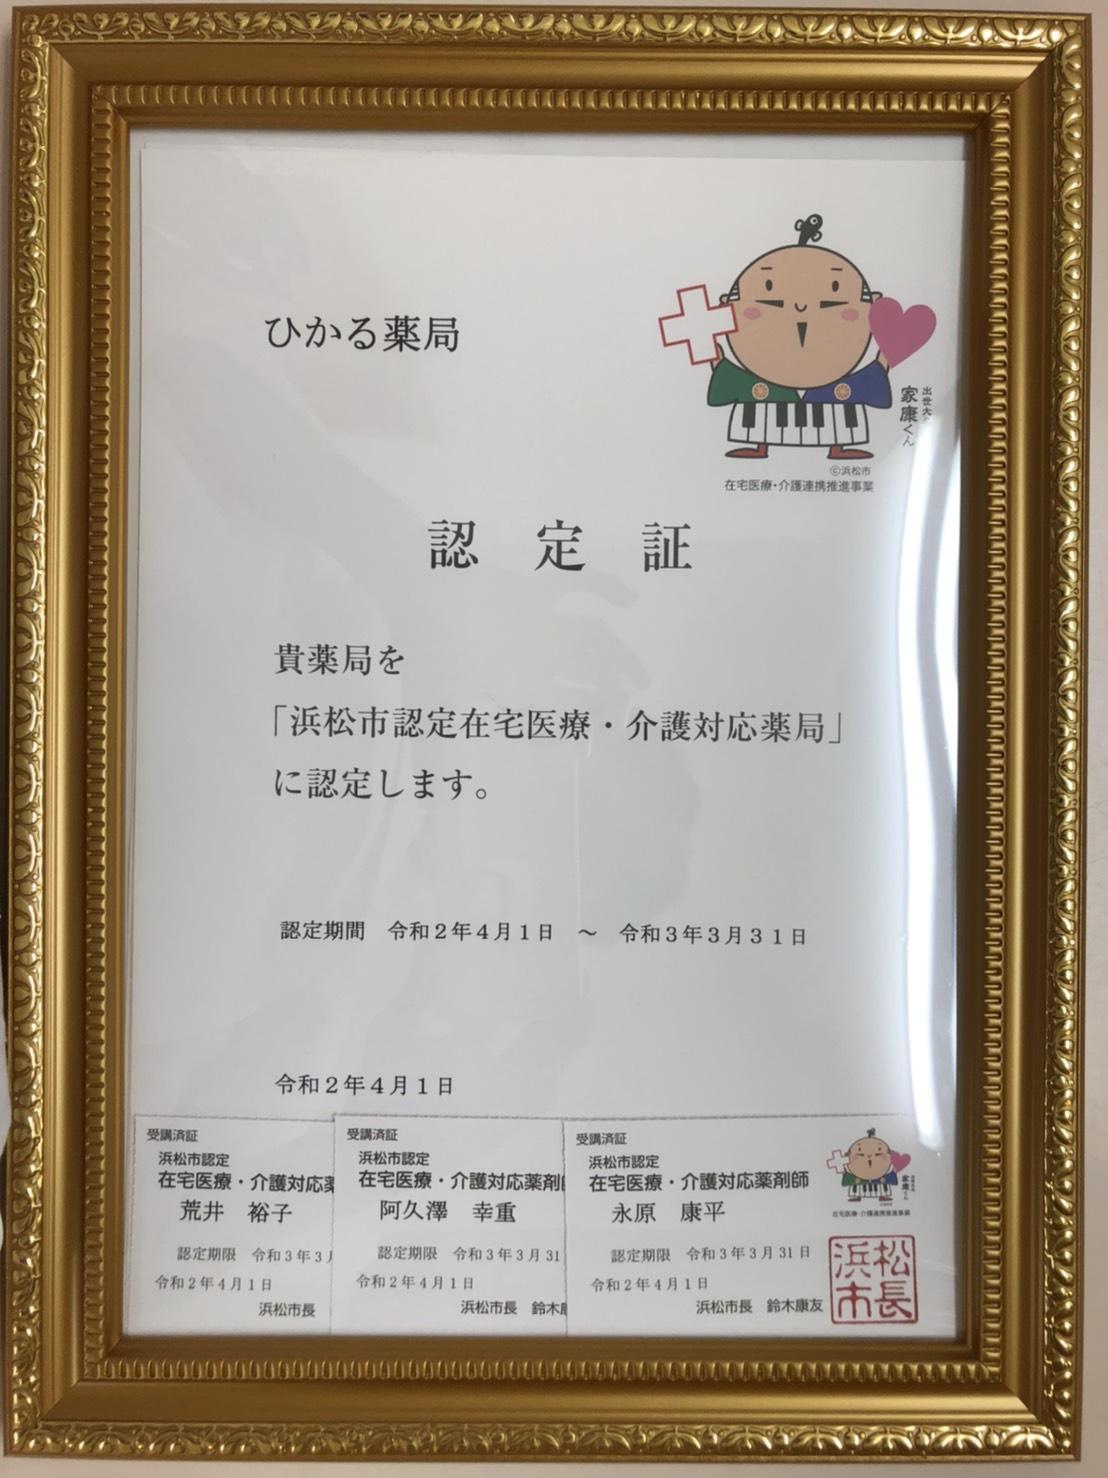 浜松市認定在宅医療